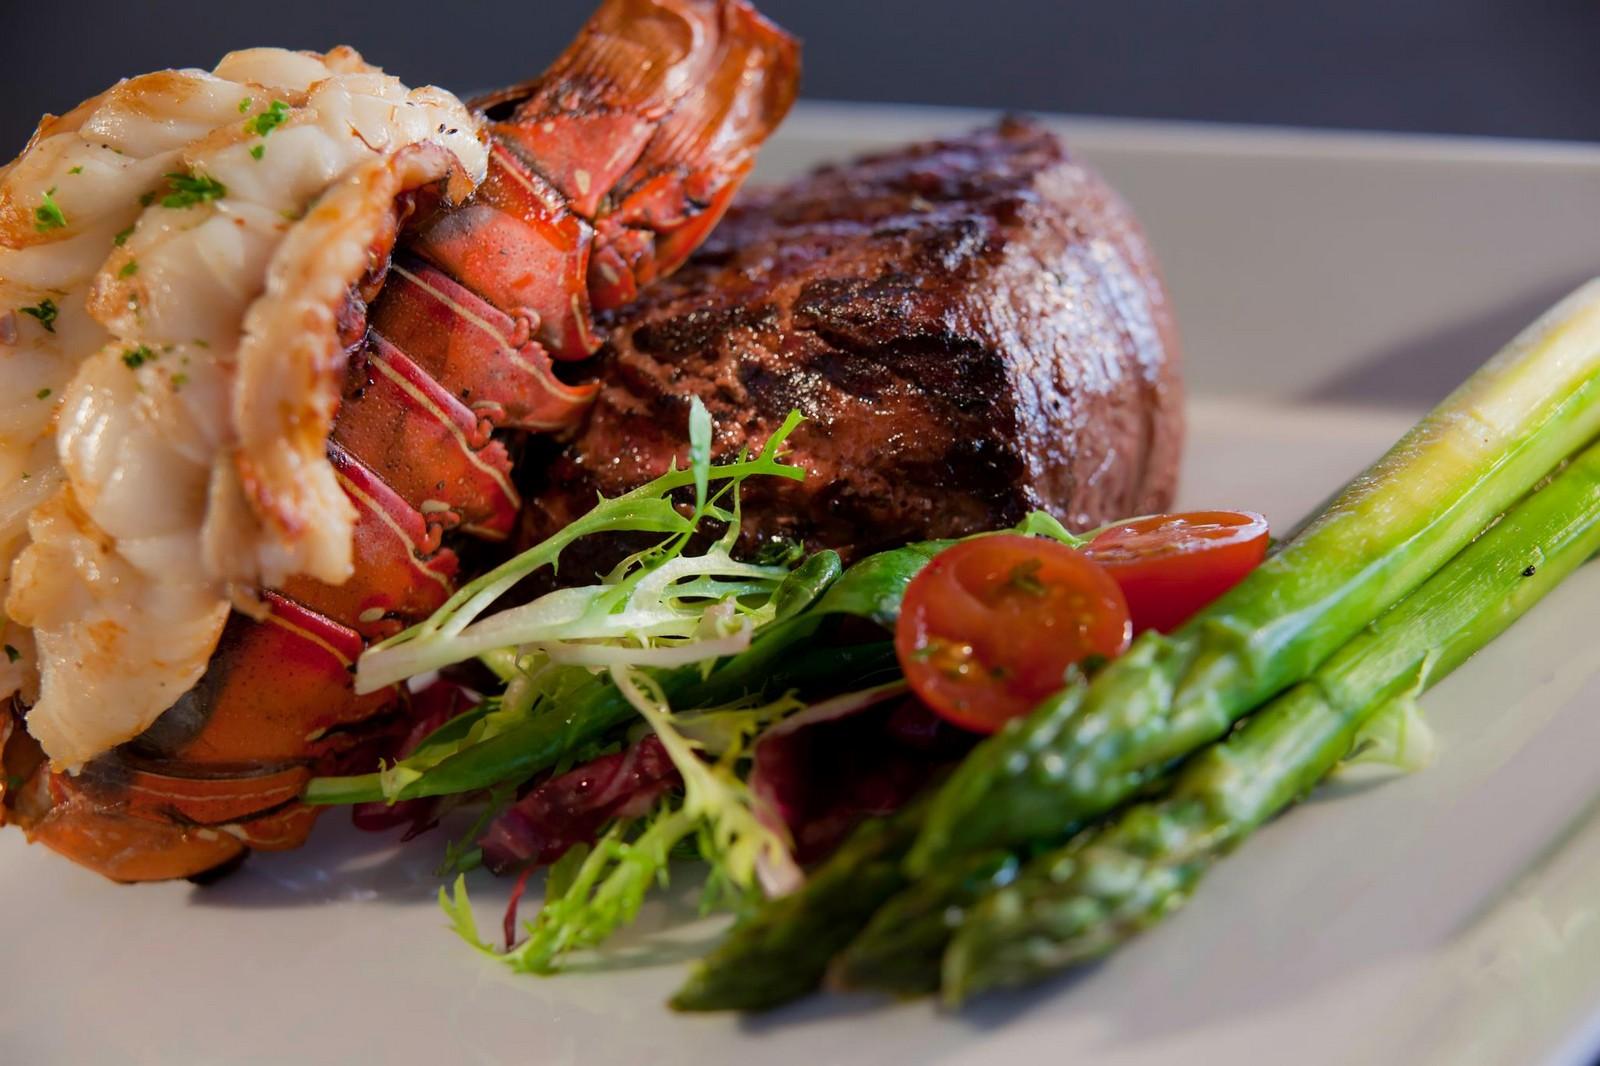 L g smith 39 s steak chop house aruba restaurants for Smith cuisine